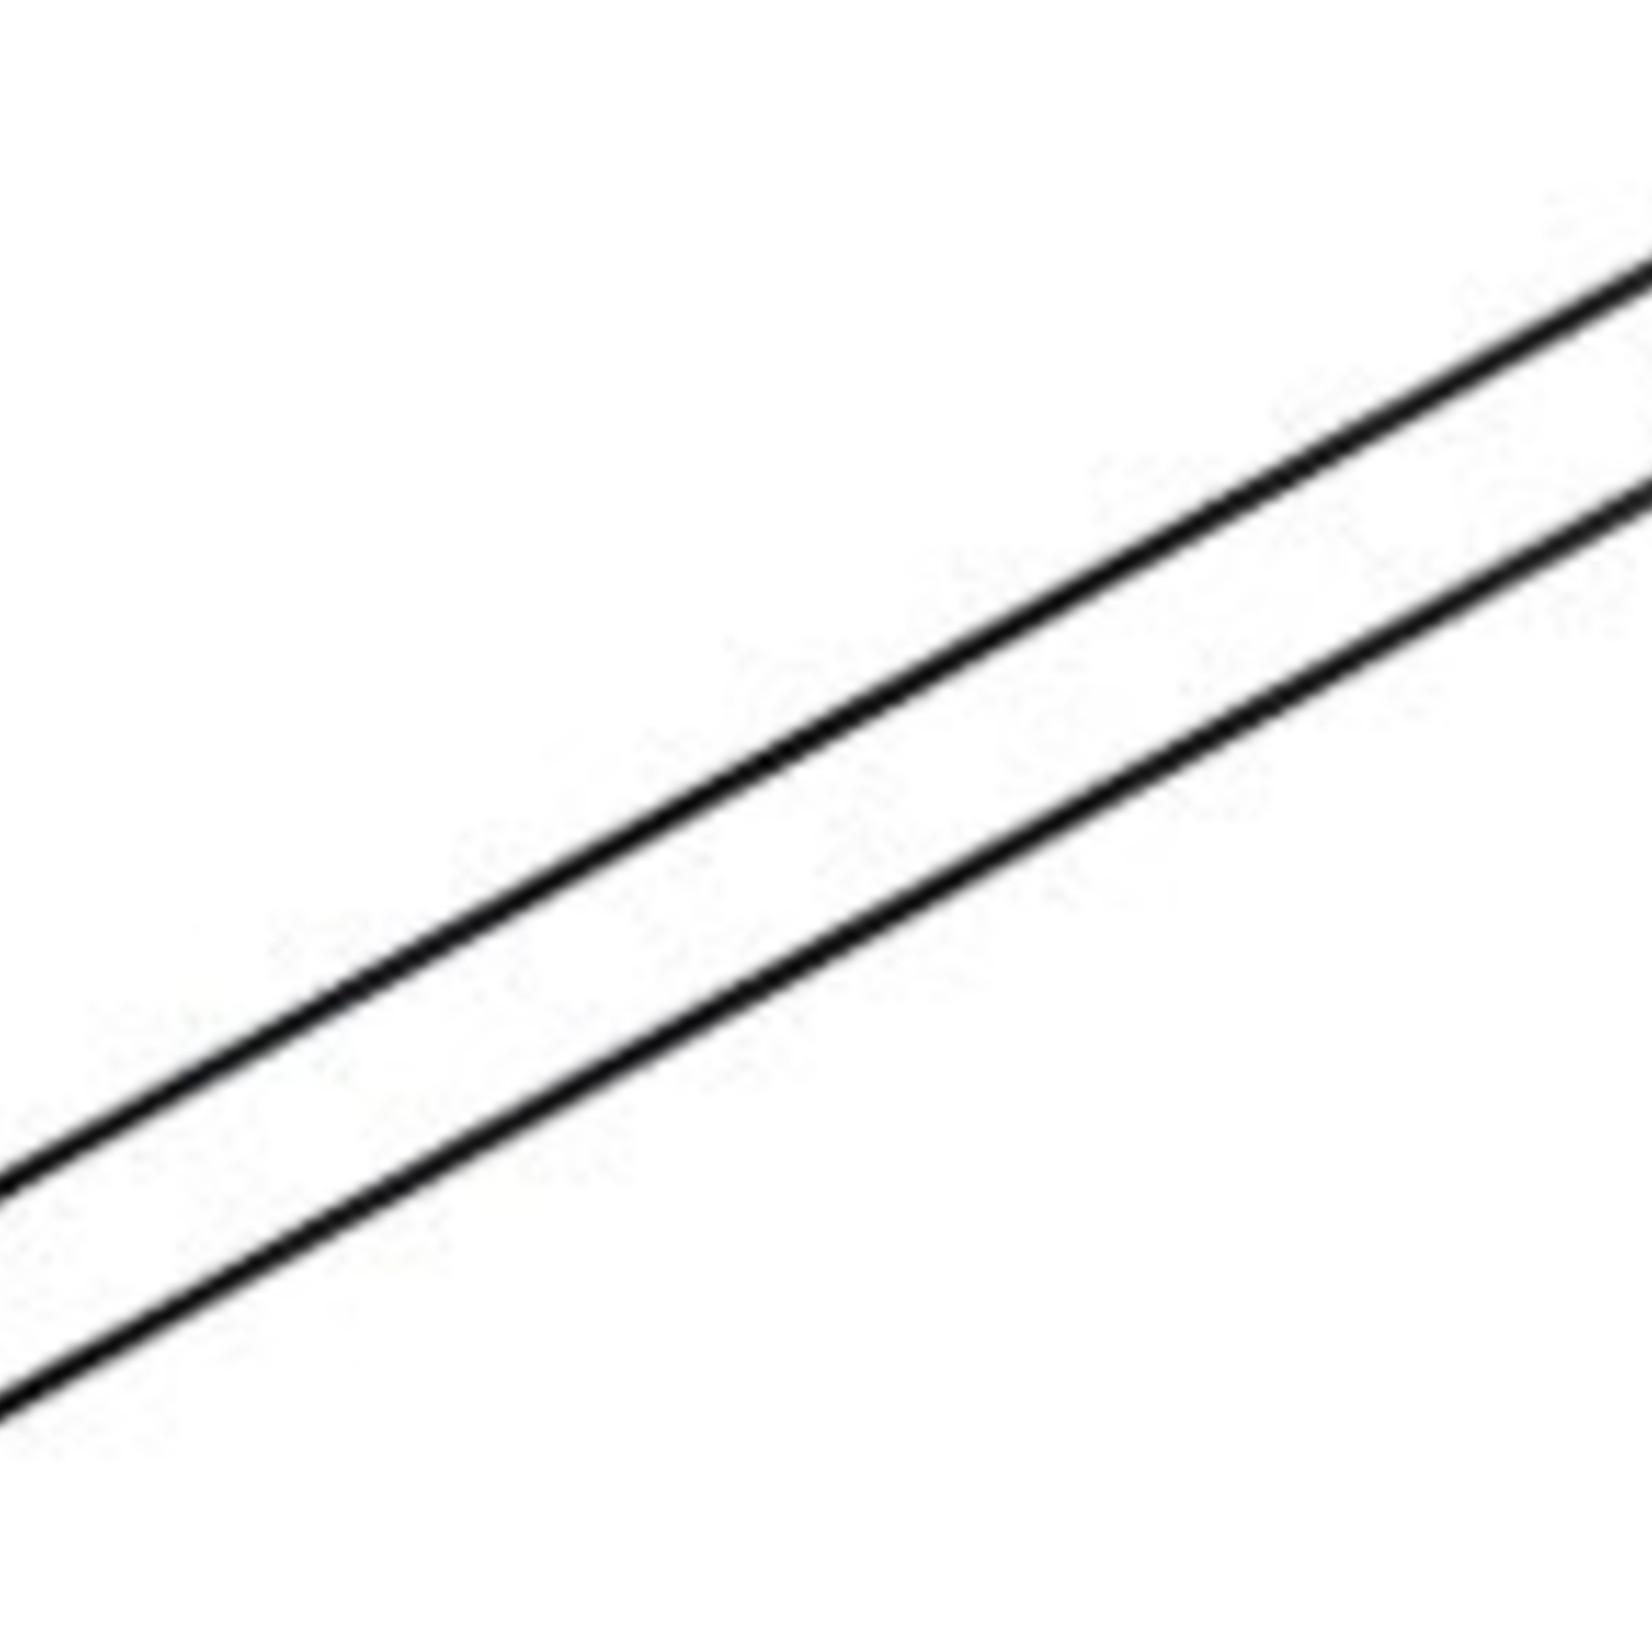 Knitter's Pride 1.5 Karbonz SP 10